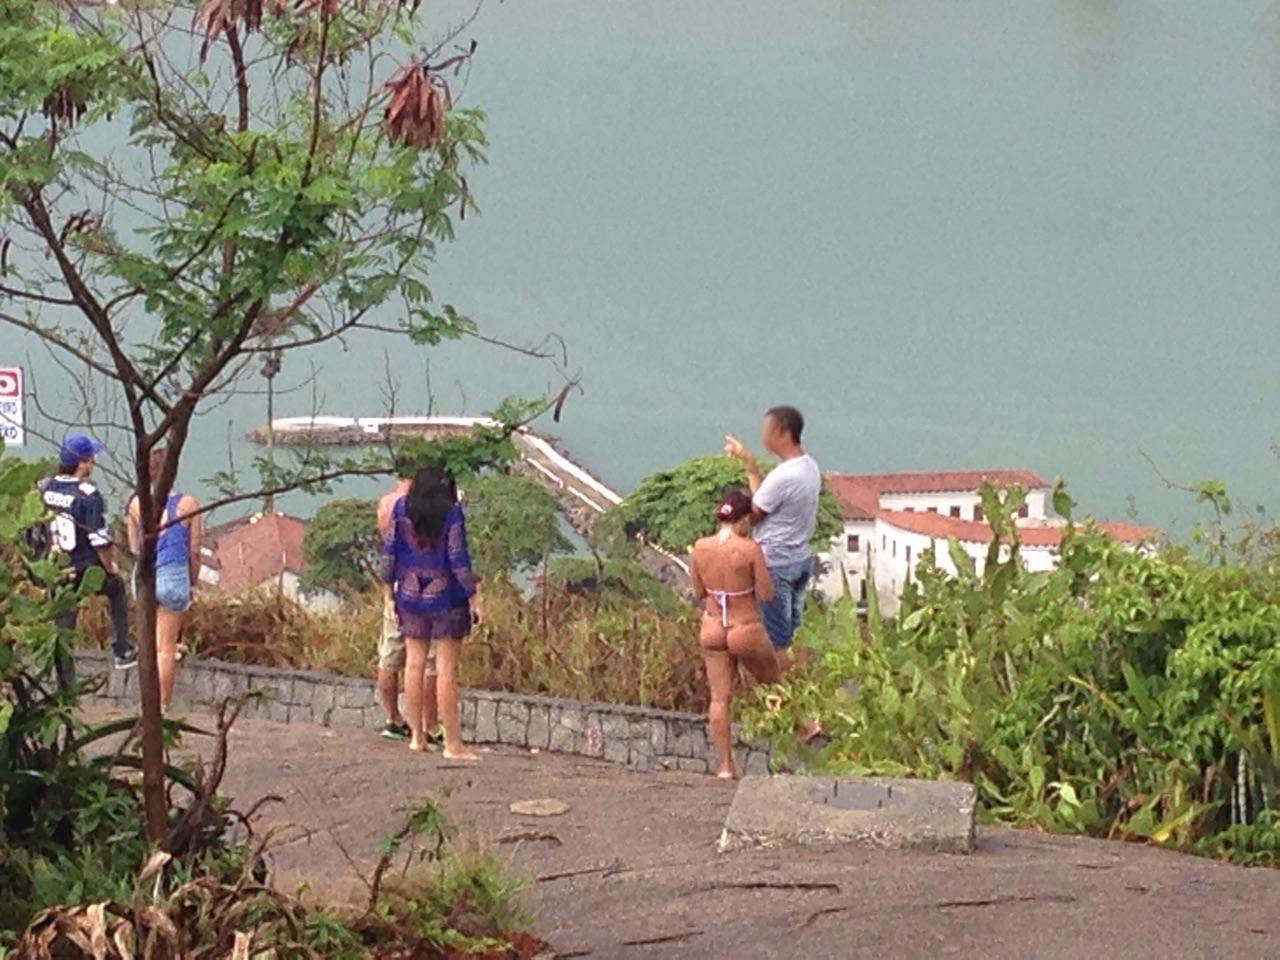 Que pecado! Turistas desinibidas são flagradas de biquíni dentro do ...